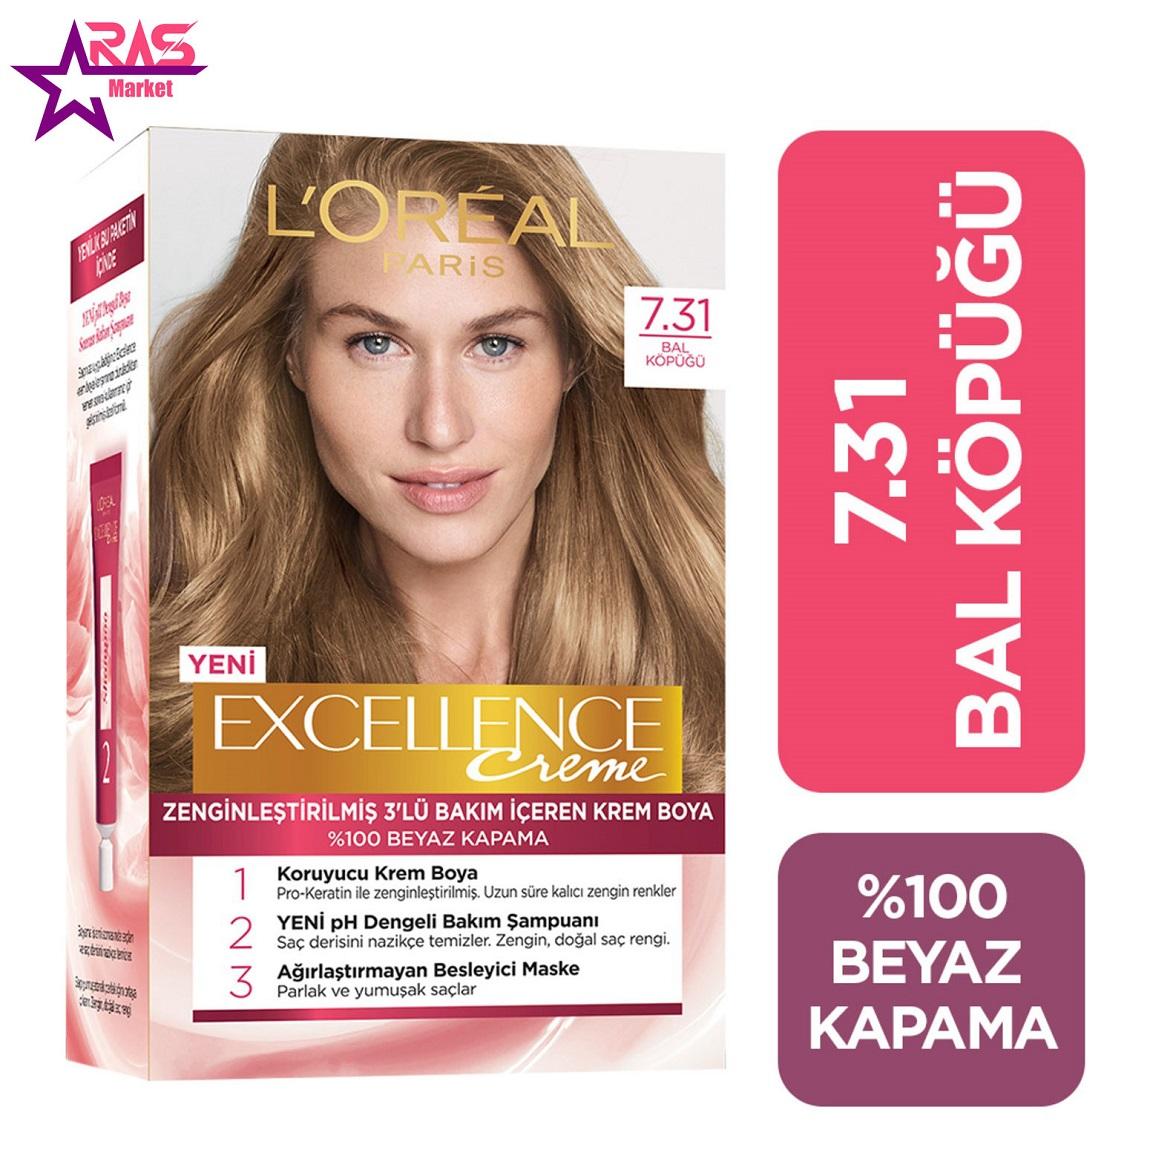 کیت رنگ مو لورآل سری Excellence شماره 7.31 ، فروشگاه اینترنتی ارس مارکت ، بهداشت بانوان